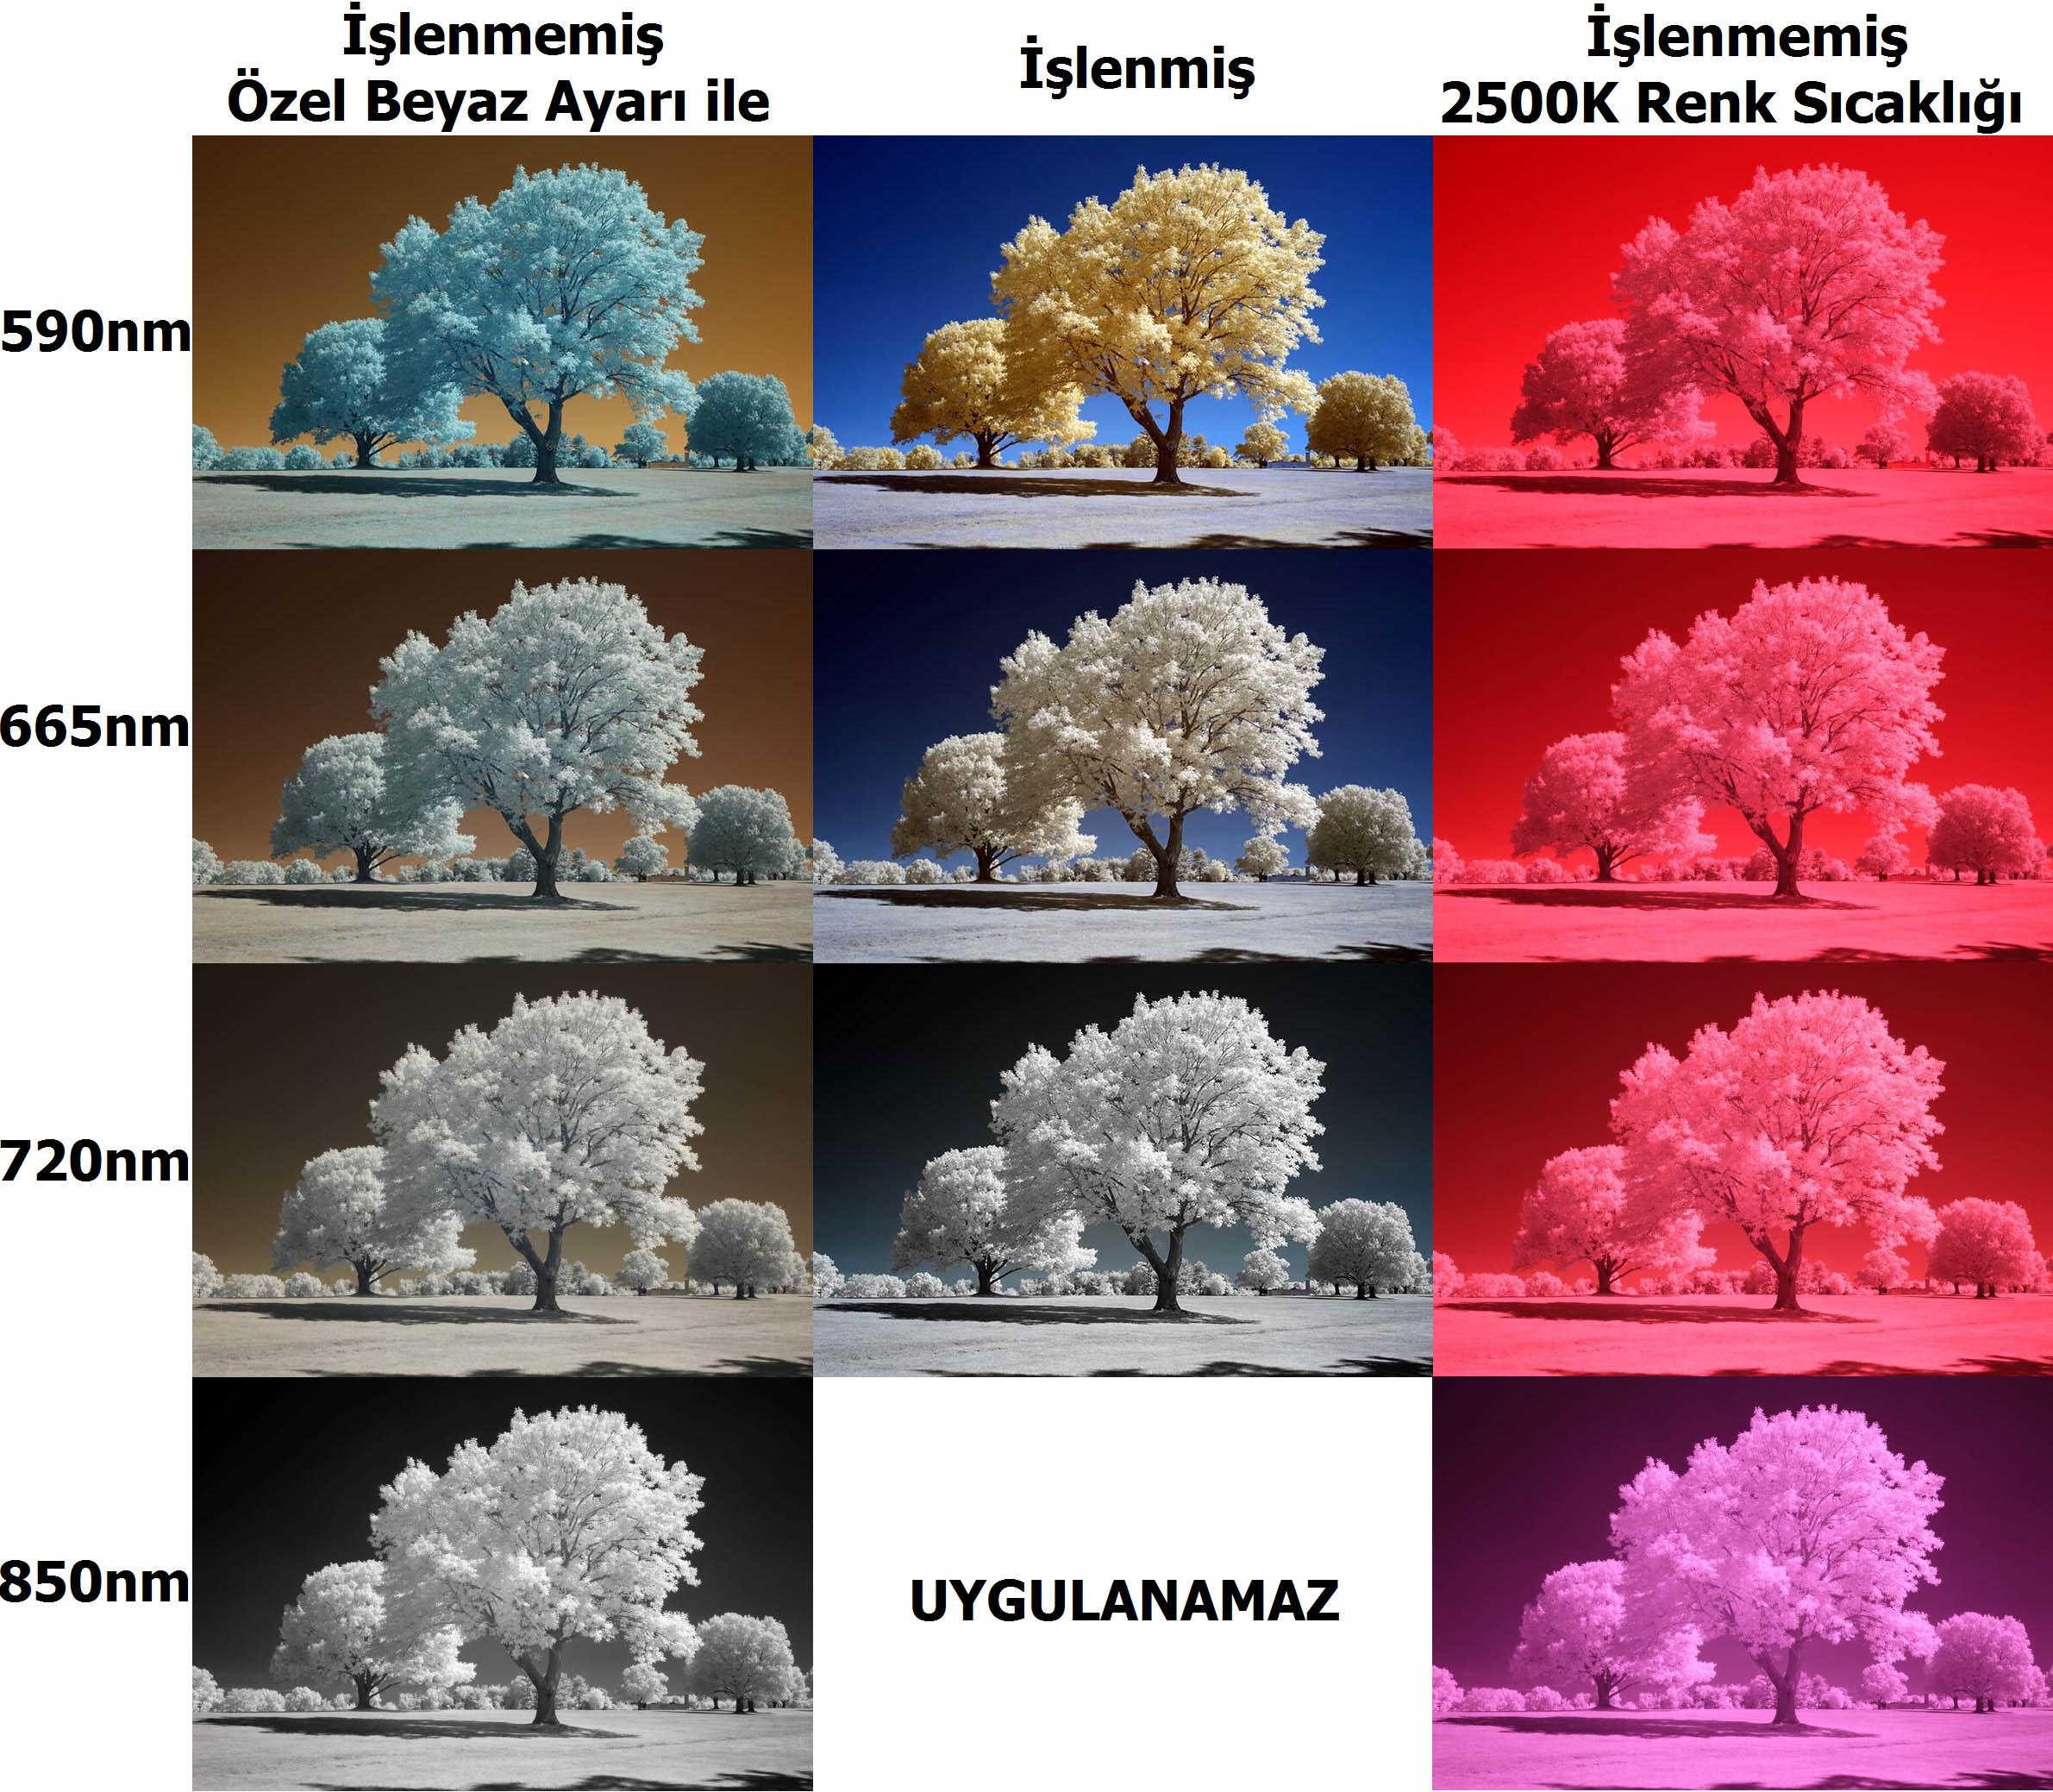 kızılötesi fotoğrafçılıkta filtre seçimi